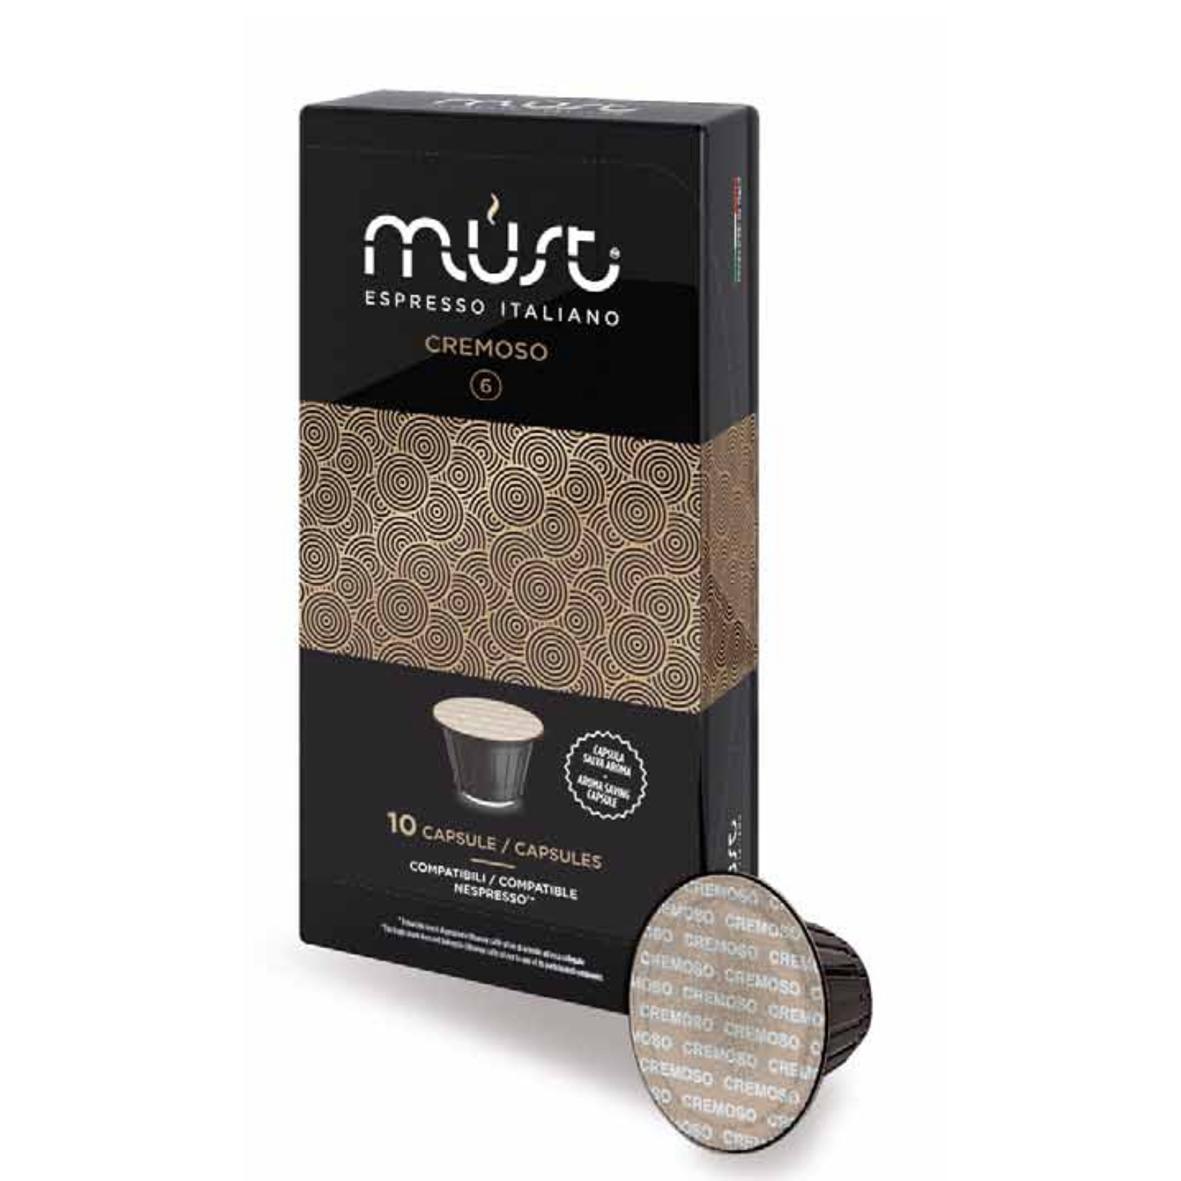 Кофе в капсулах MUST Cremoso 10шт NespressoКофе, какао<br><br><br>Тип: кофе в капсулах<br>Дополнительно: Кофе с бархатистым сливочным вкусом и пленительным ореховым ароматом. В напитке раскрываются кисло-сладкие ноты и чувствуется горчинка какао.